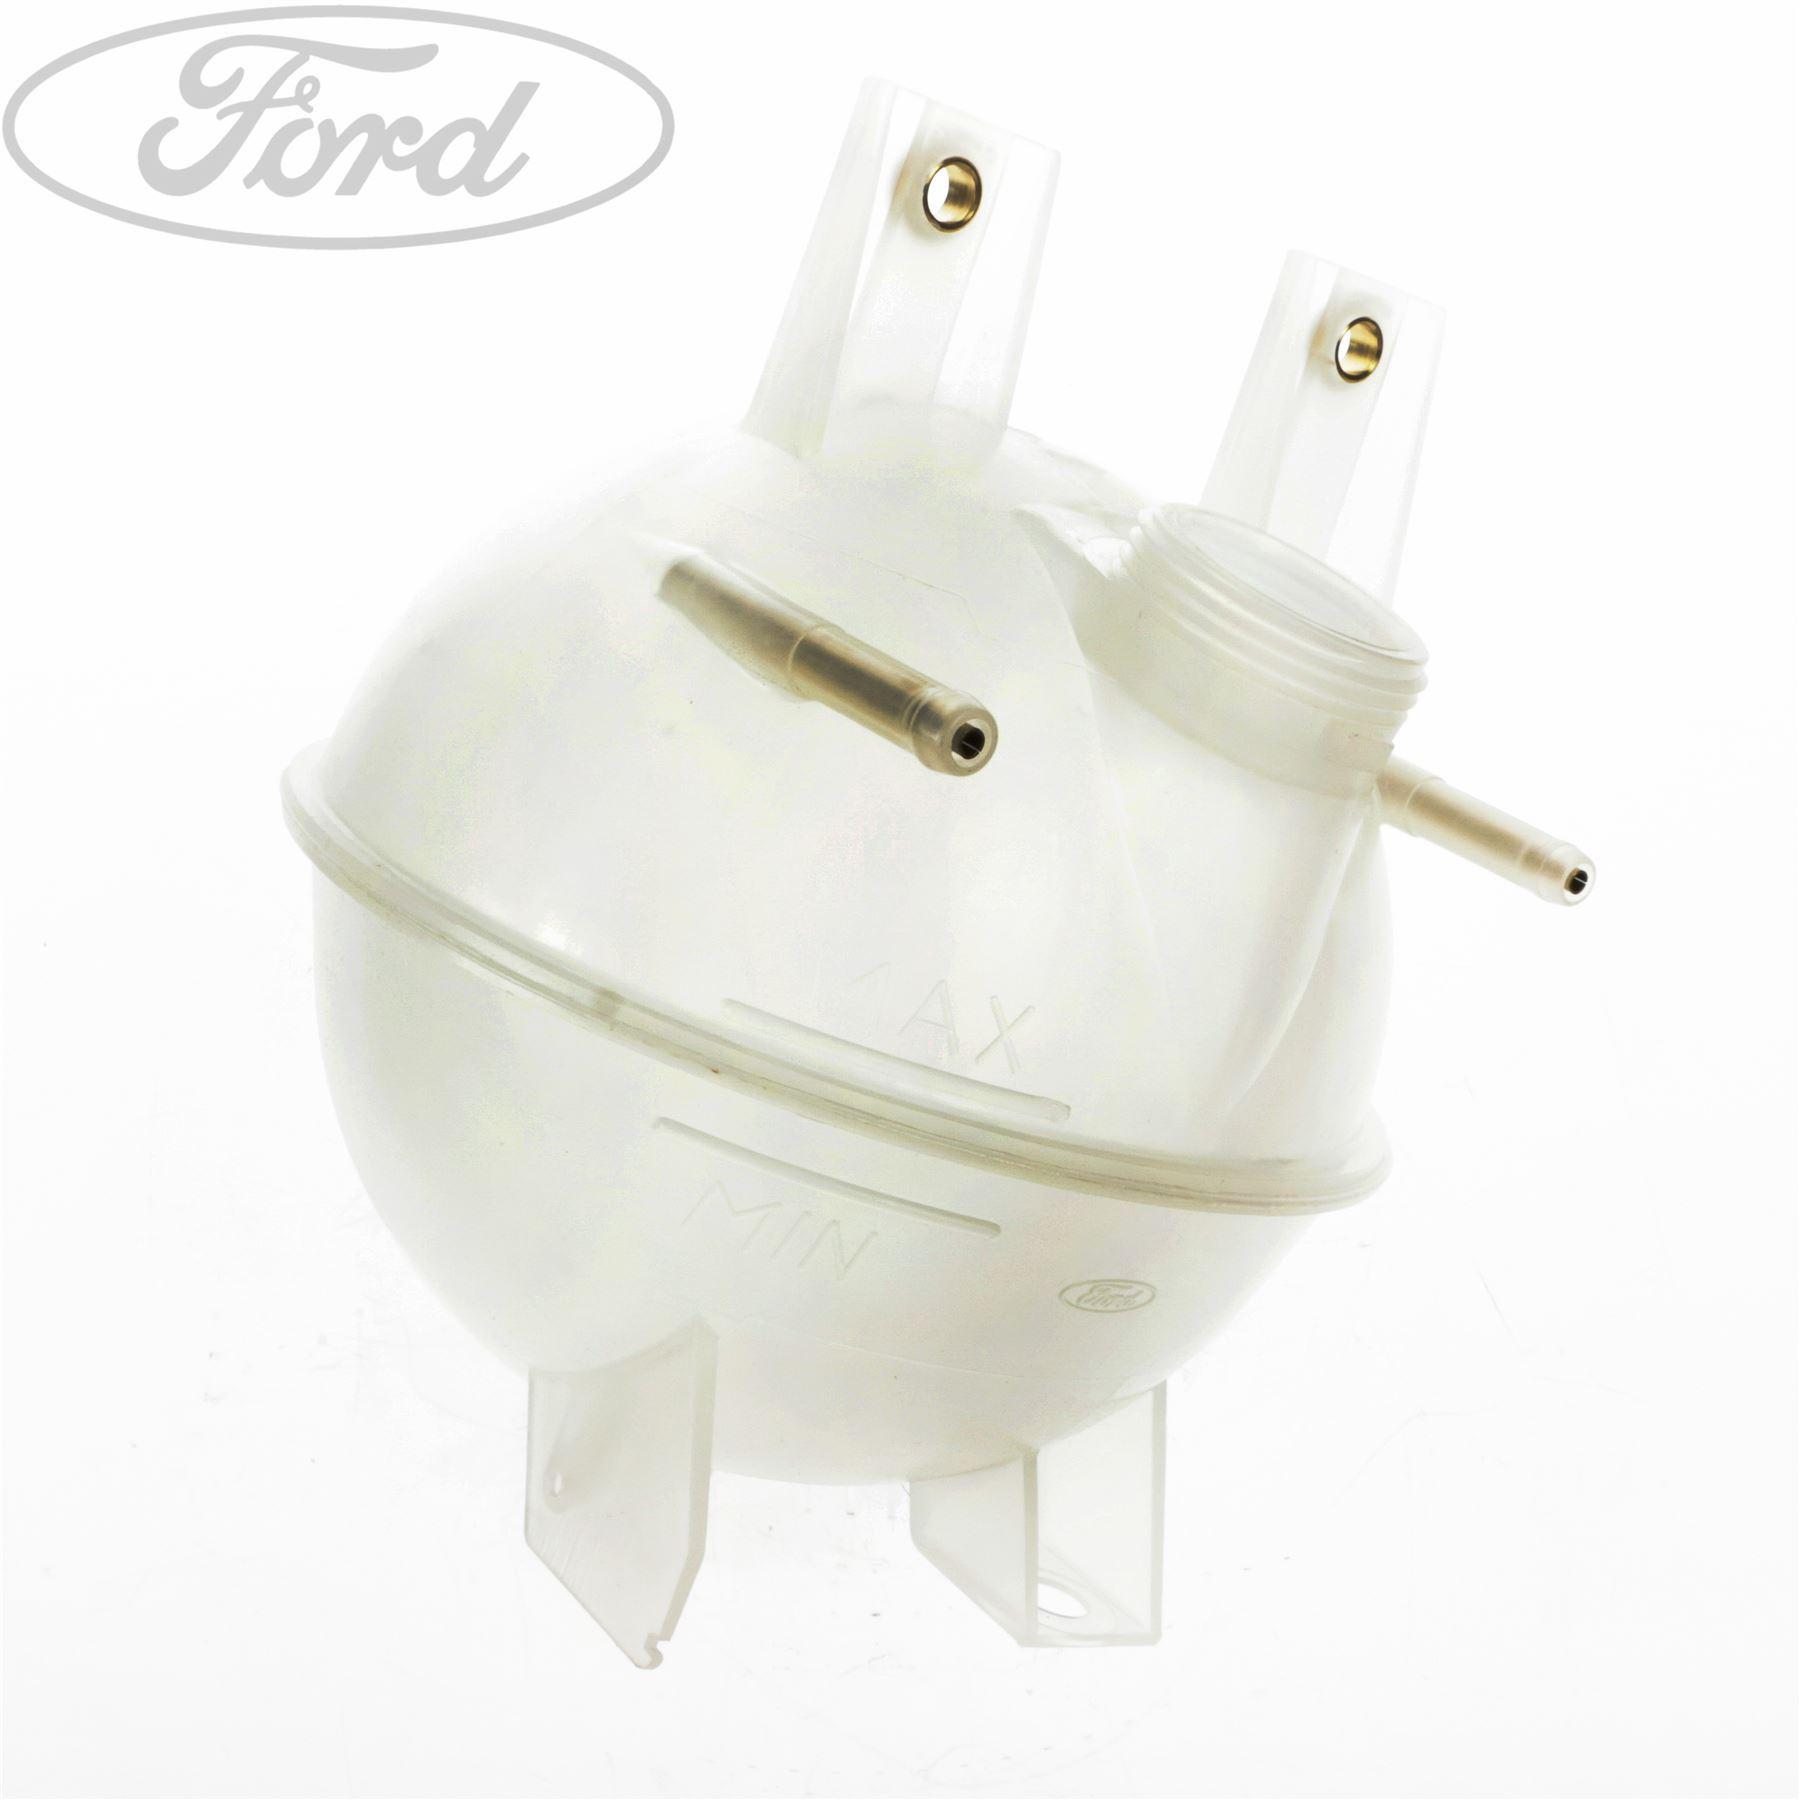 Genuine Ford Transit MK7 Radiator Overflow Expansion Tank 1383314